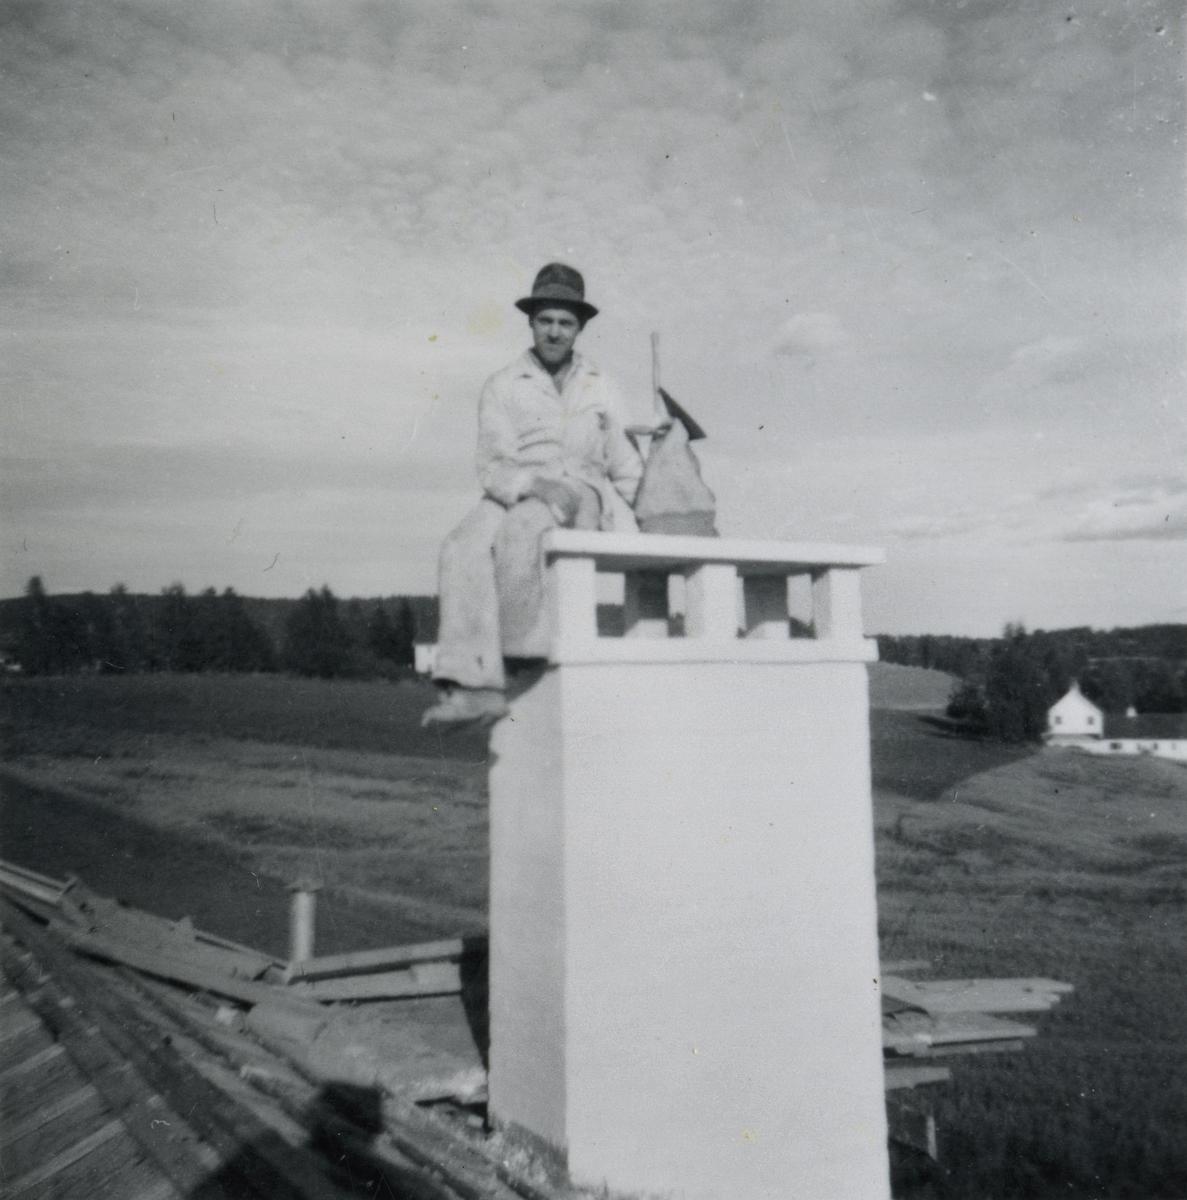 Husbygging i Sundet tidlig på 1950-tallet. Georg Hansen på bildene.